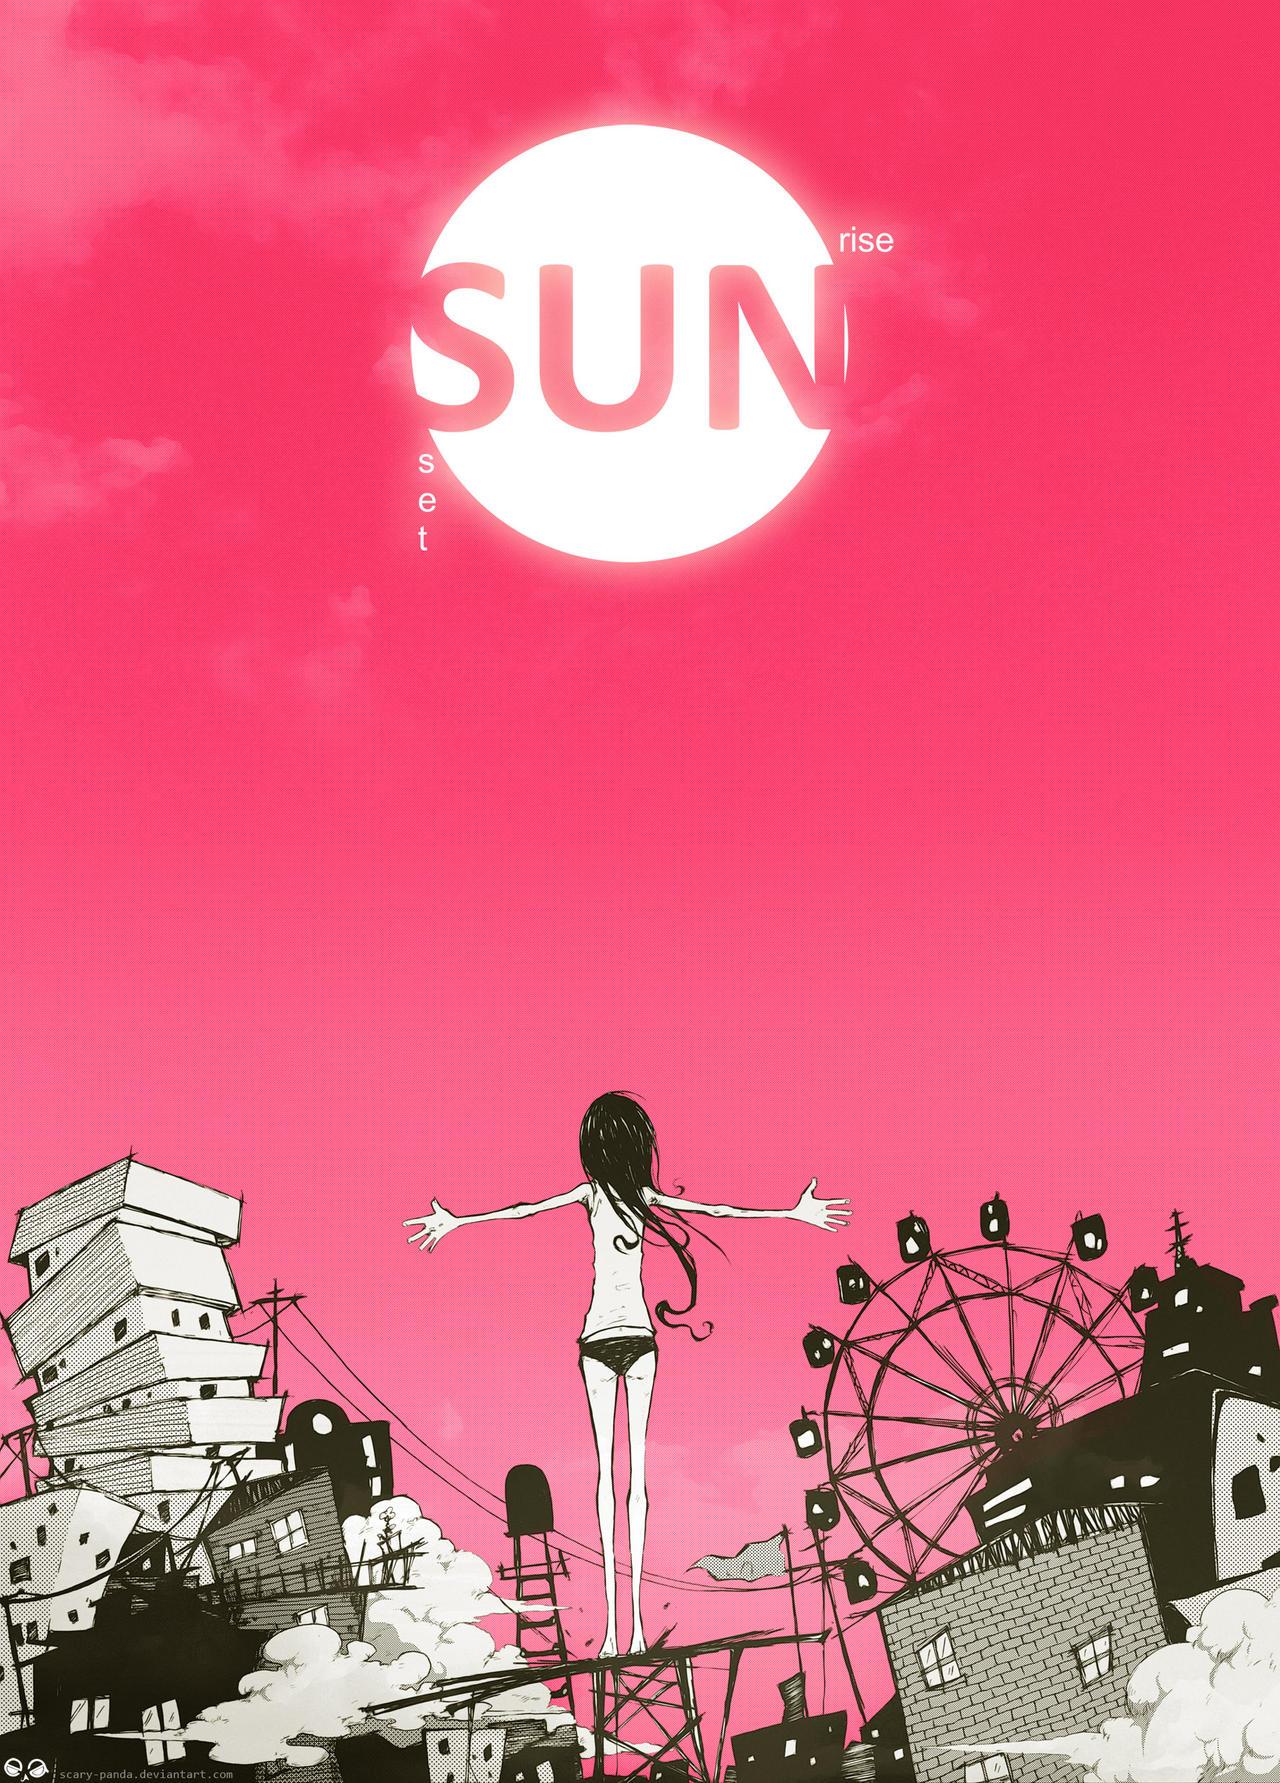 sun by scary-PANDA